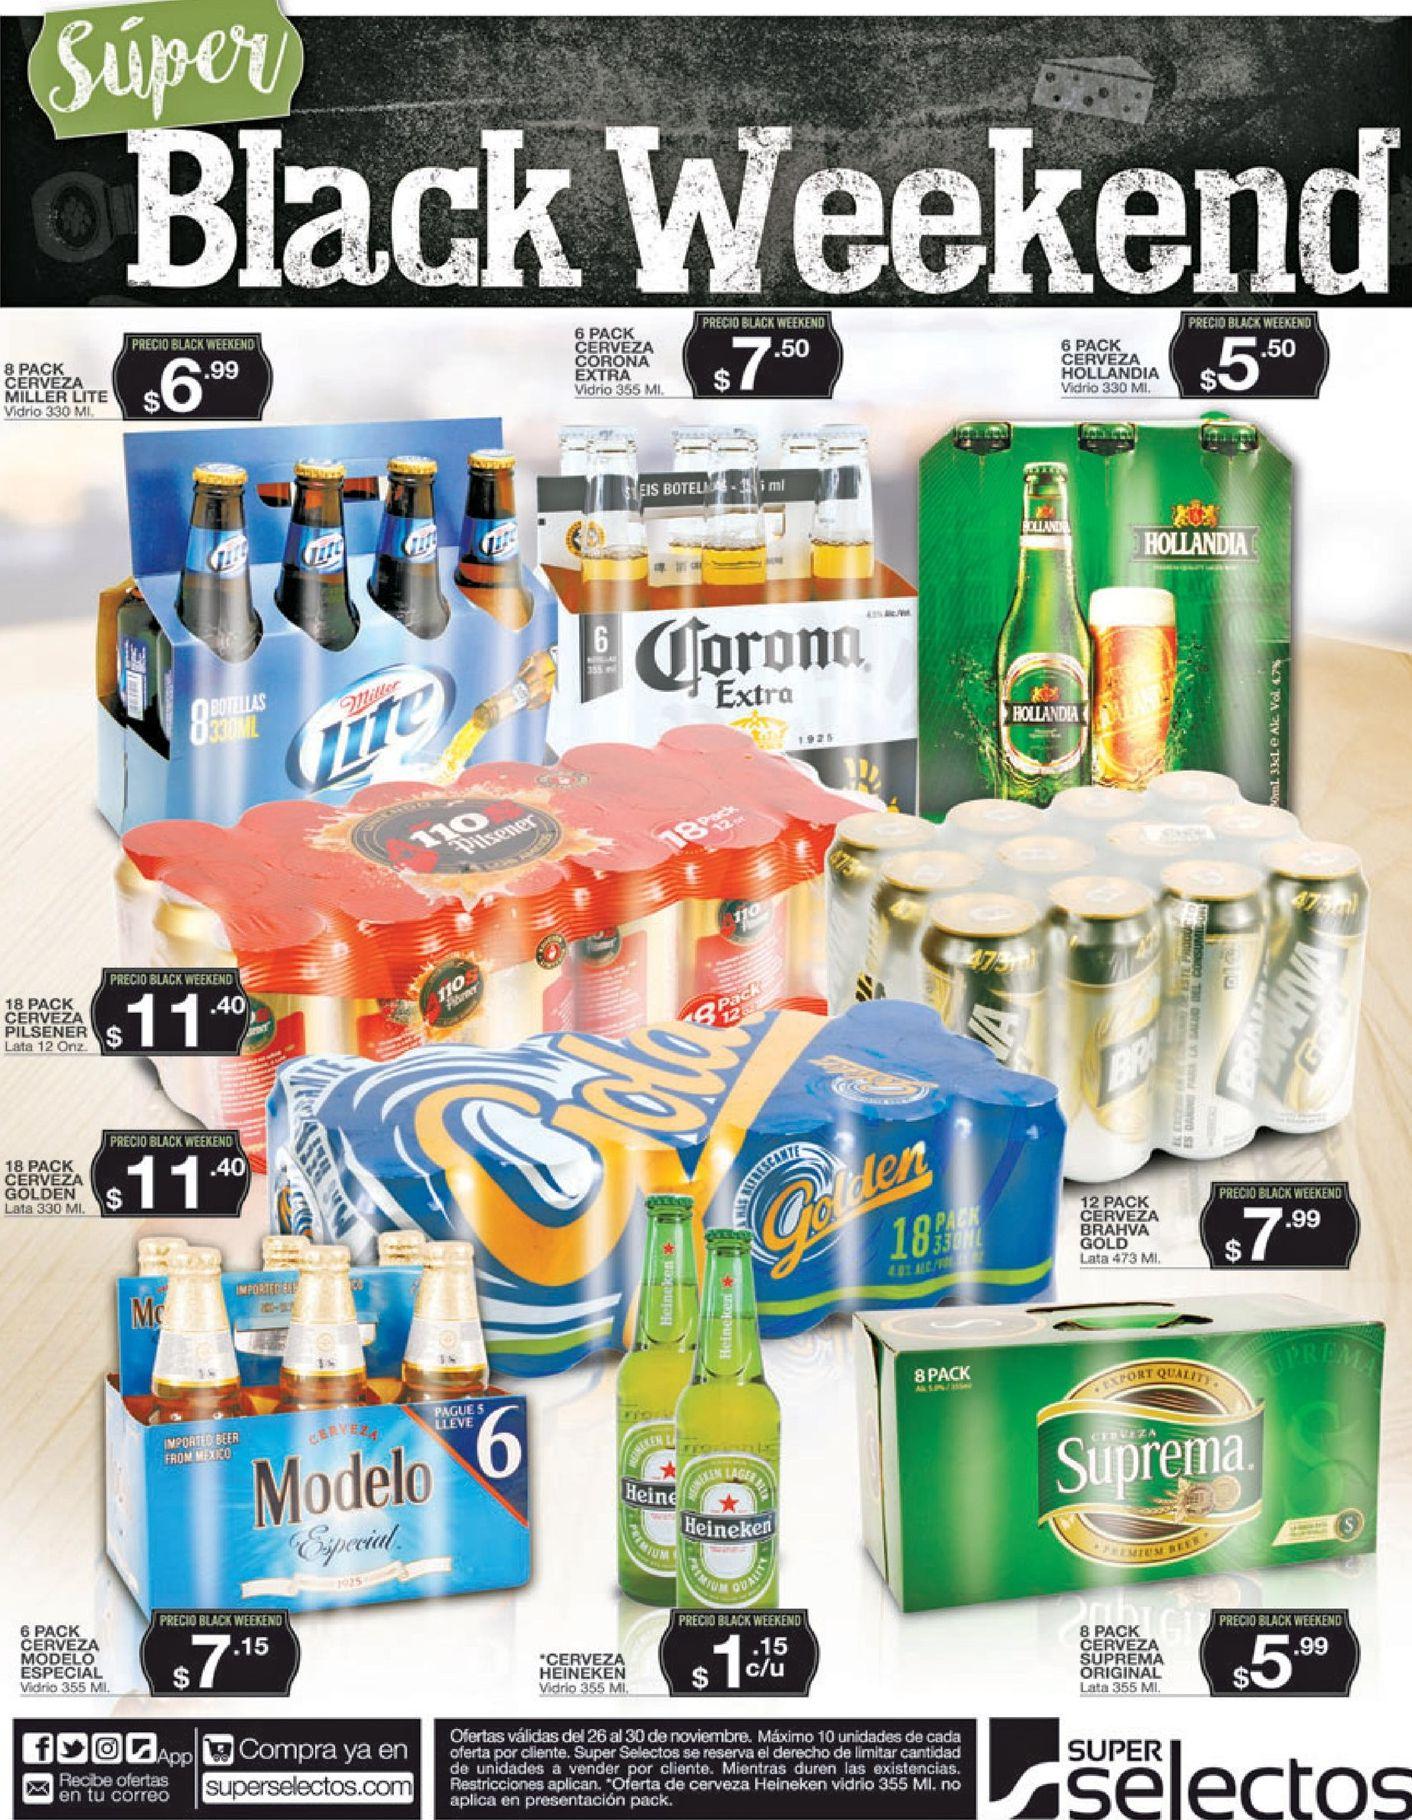 todas-las-cervezas-con-precios-bajos-en-super-selectos-markey